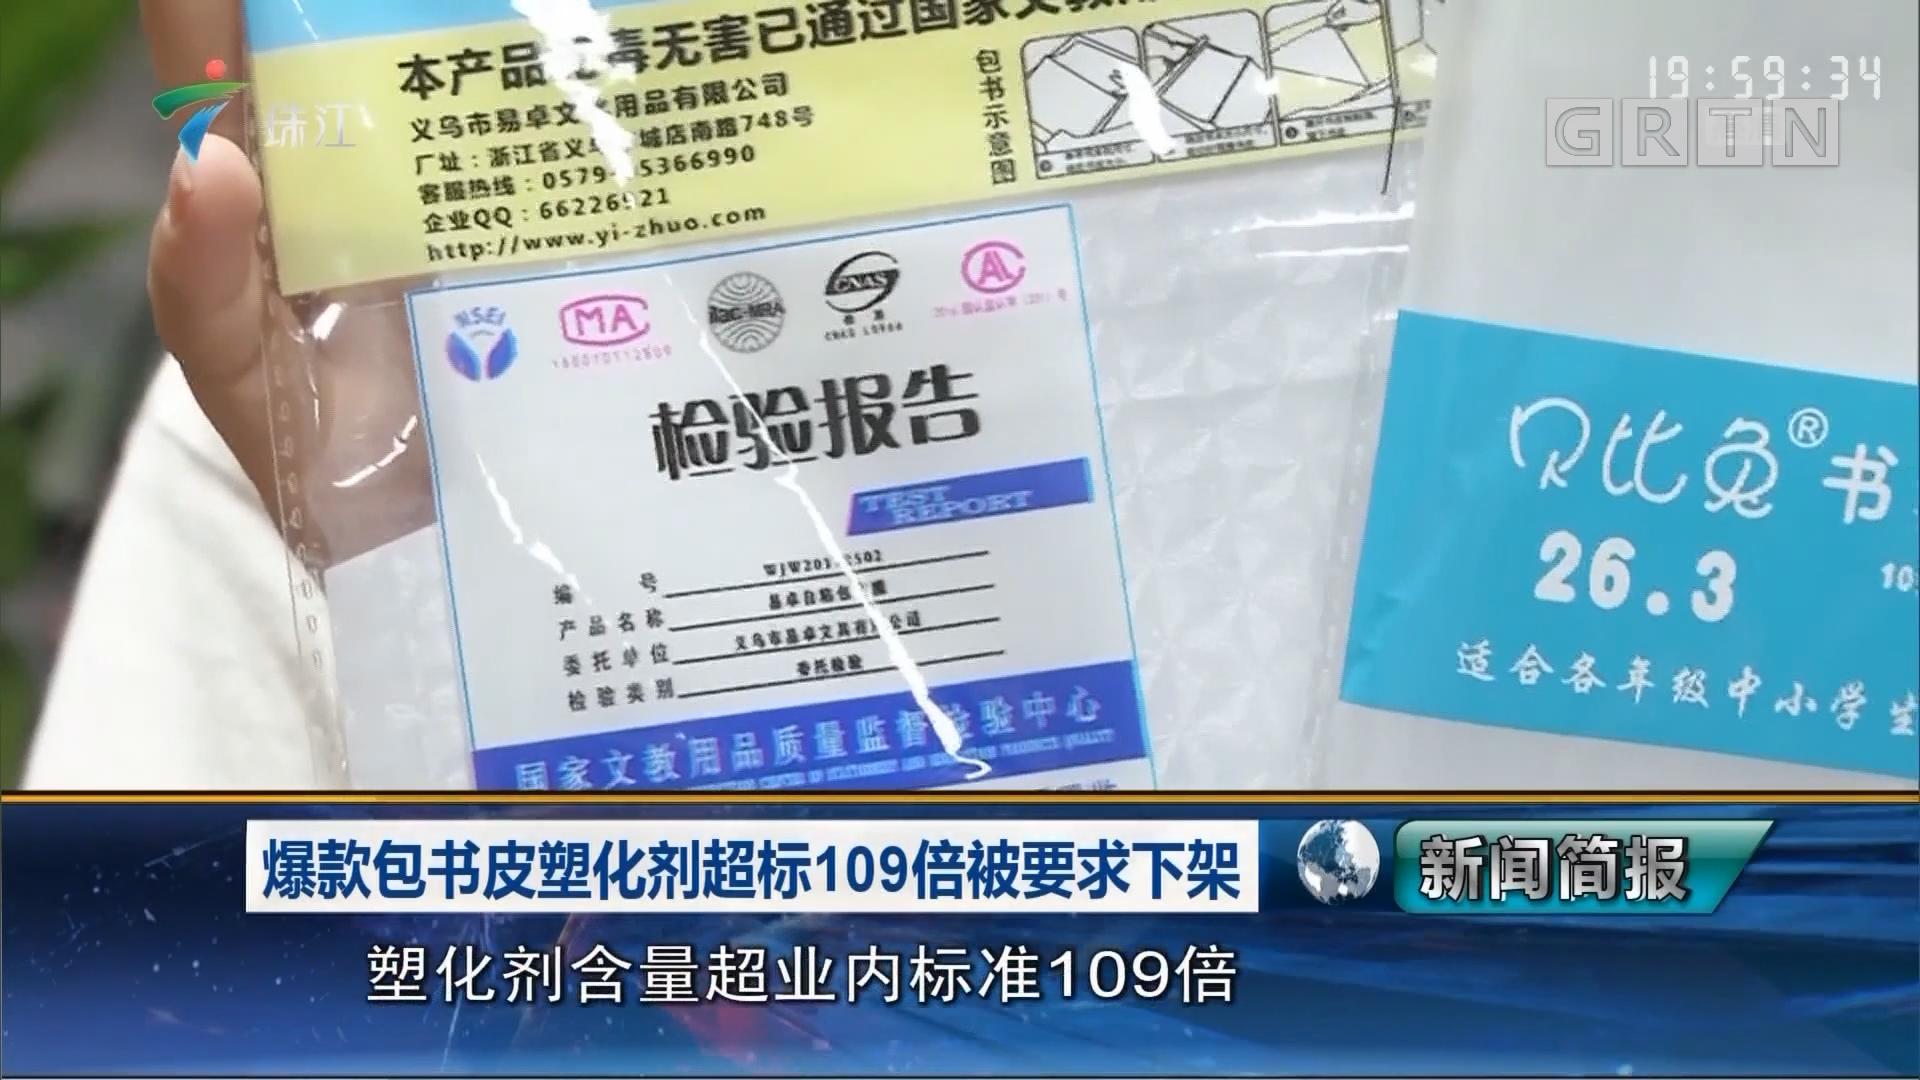 爆款包书皮塑化剂超标109倍被要求下架